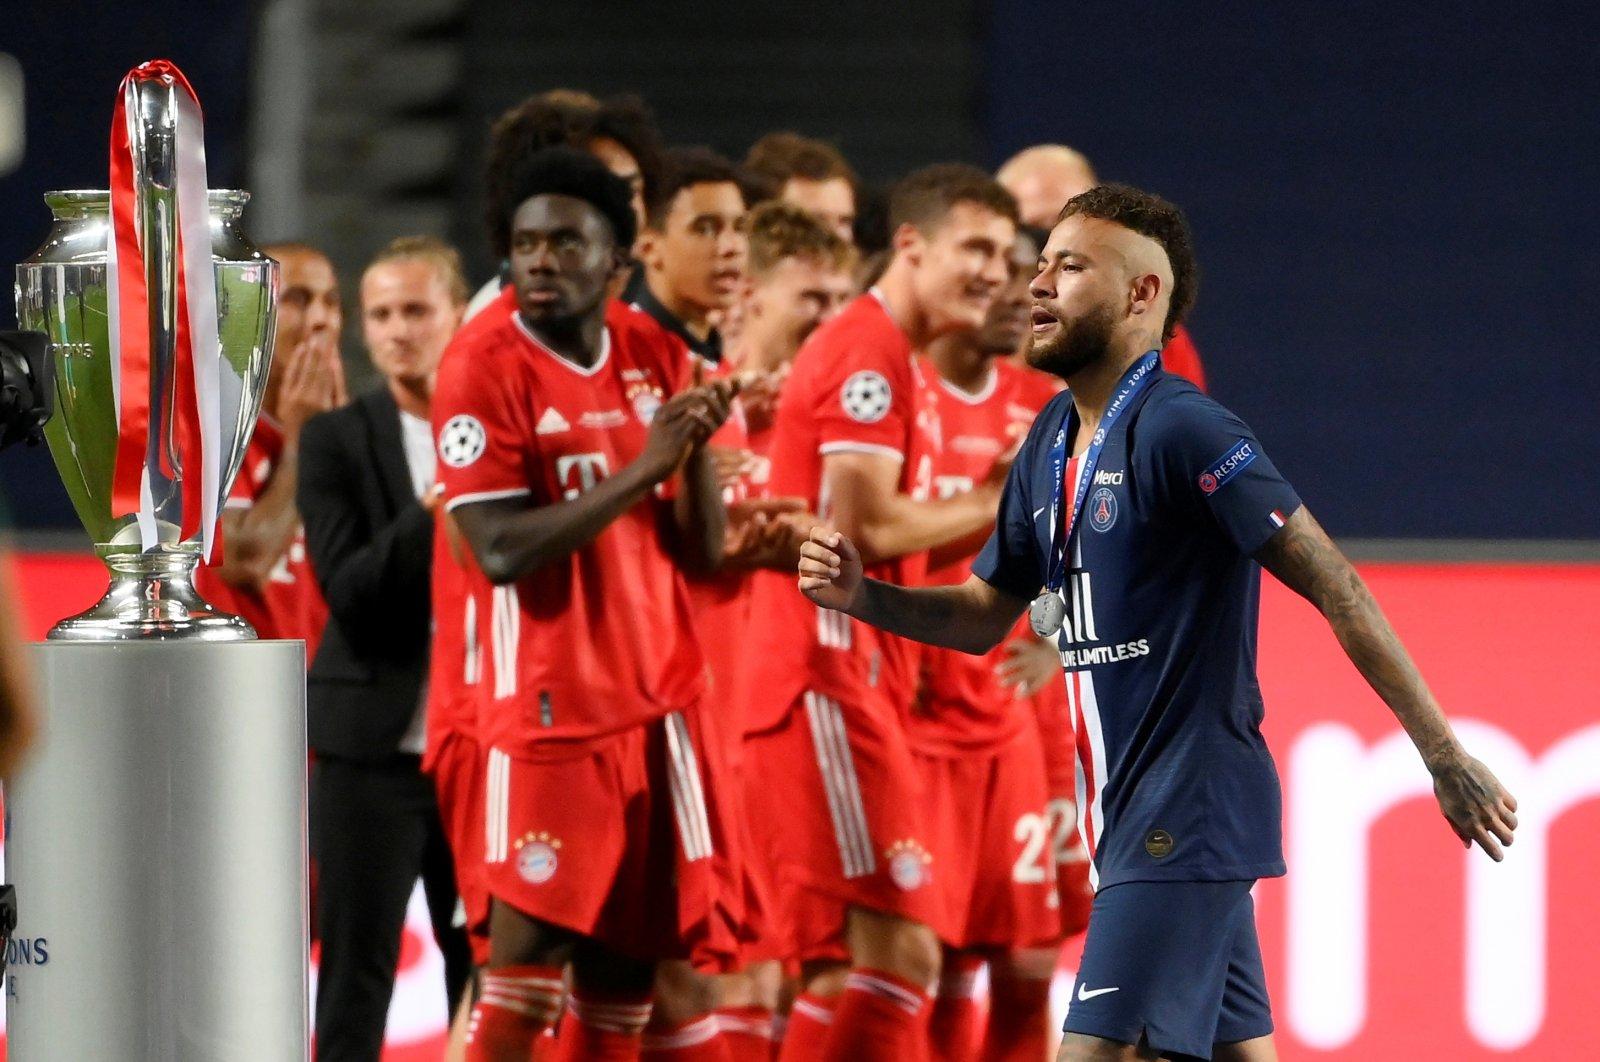 Paris Saint-Germain's Neymar looks dejected after losing the Champions League final against Bayern Munich at Estadio da Luz, Lisbon, Portugal, Aug. 23, 2020. (Reuters Photo)